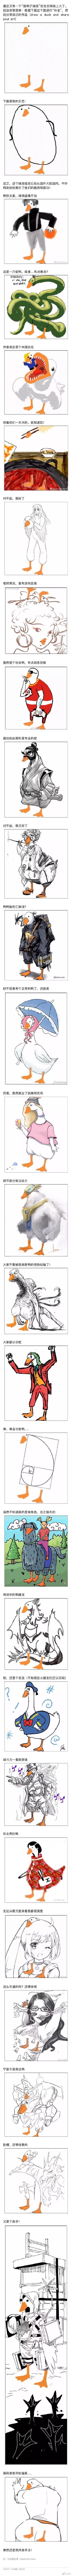 """019福利汇总第127期:平胸女子"""""""